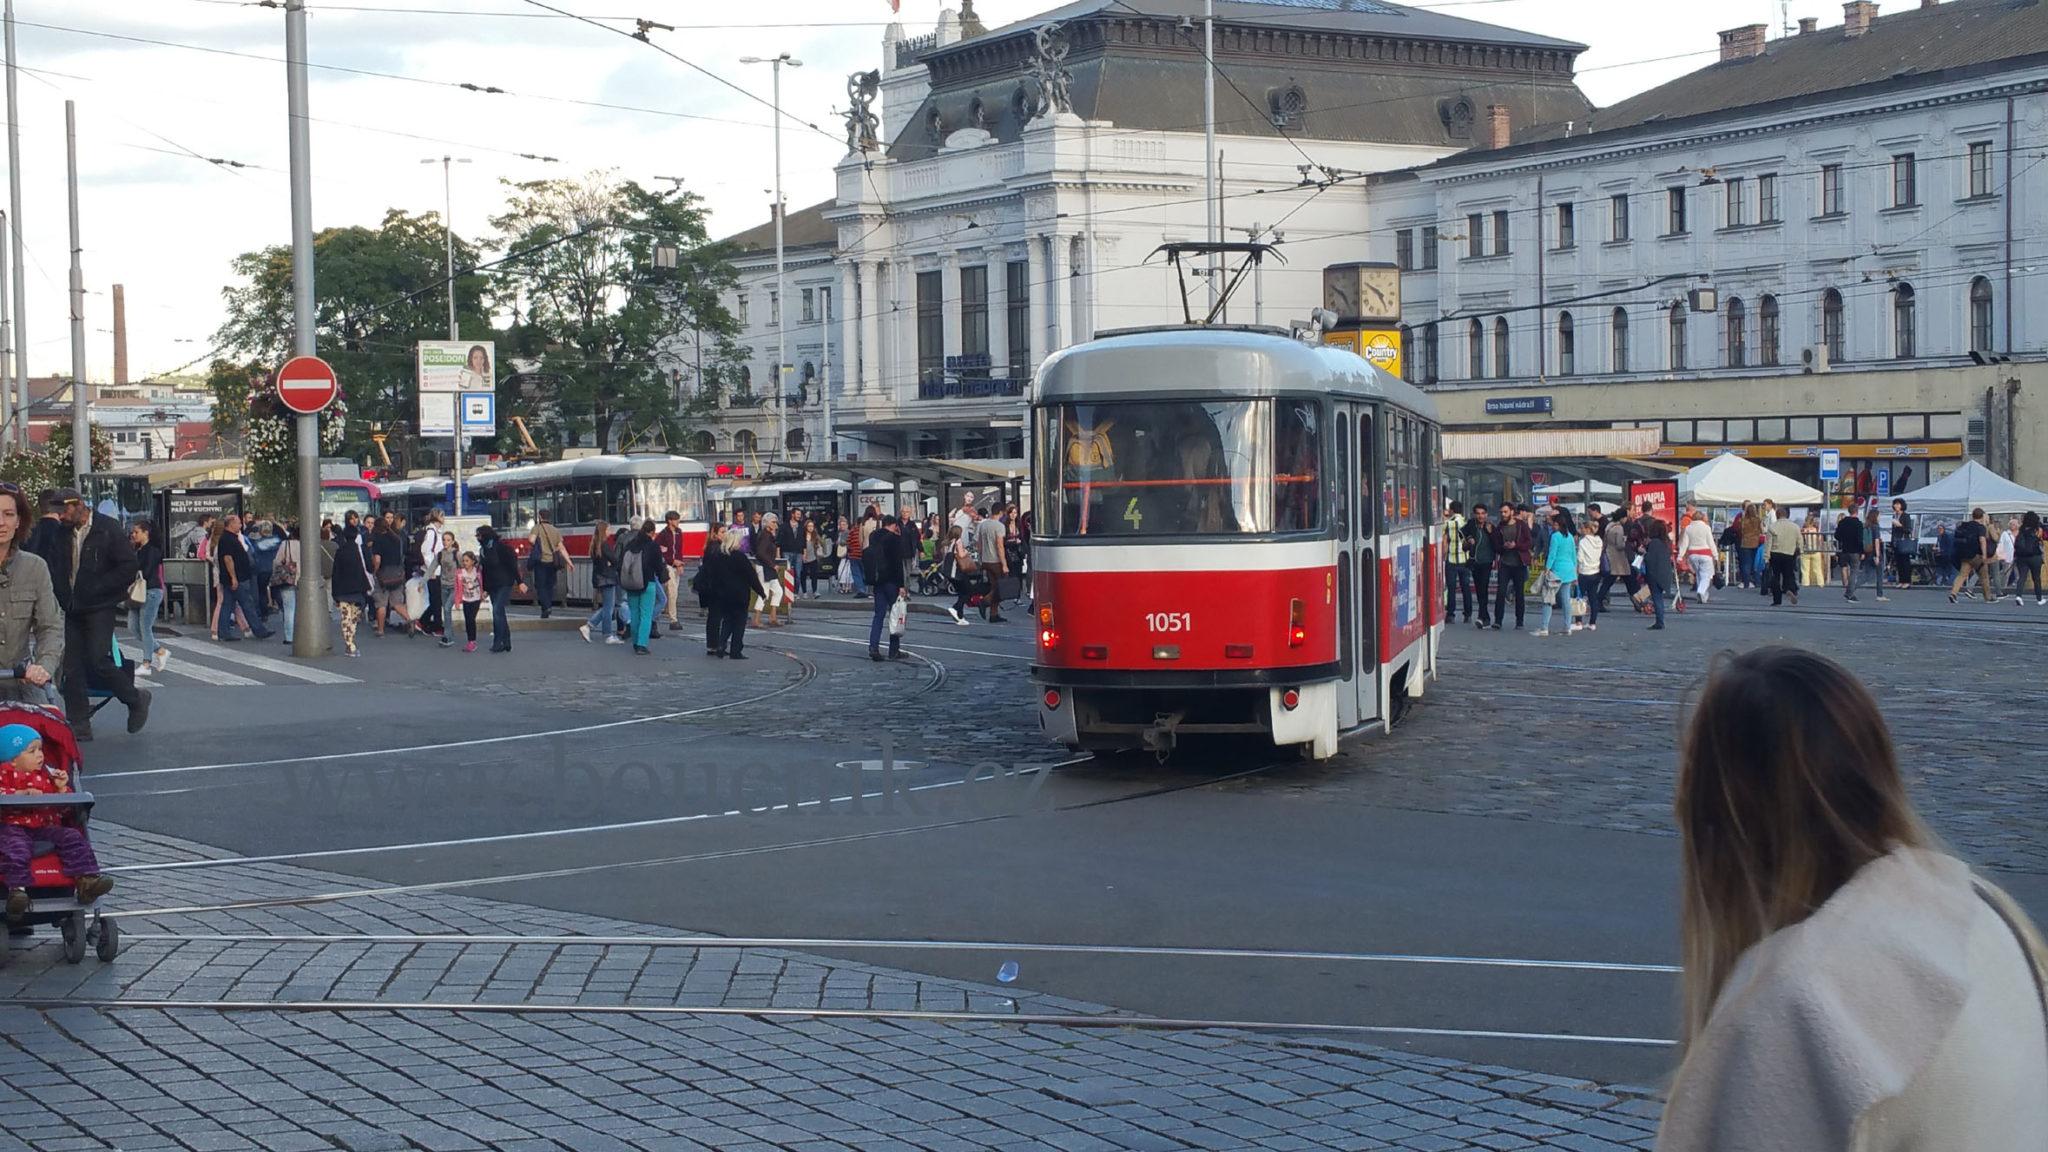 Přestupní uzel u současného hlavního nádraží v Brně